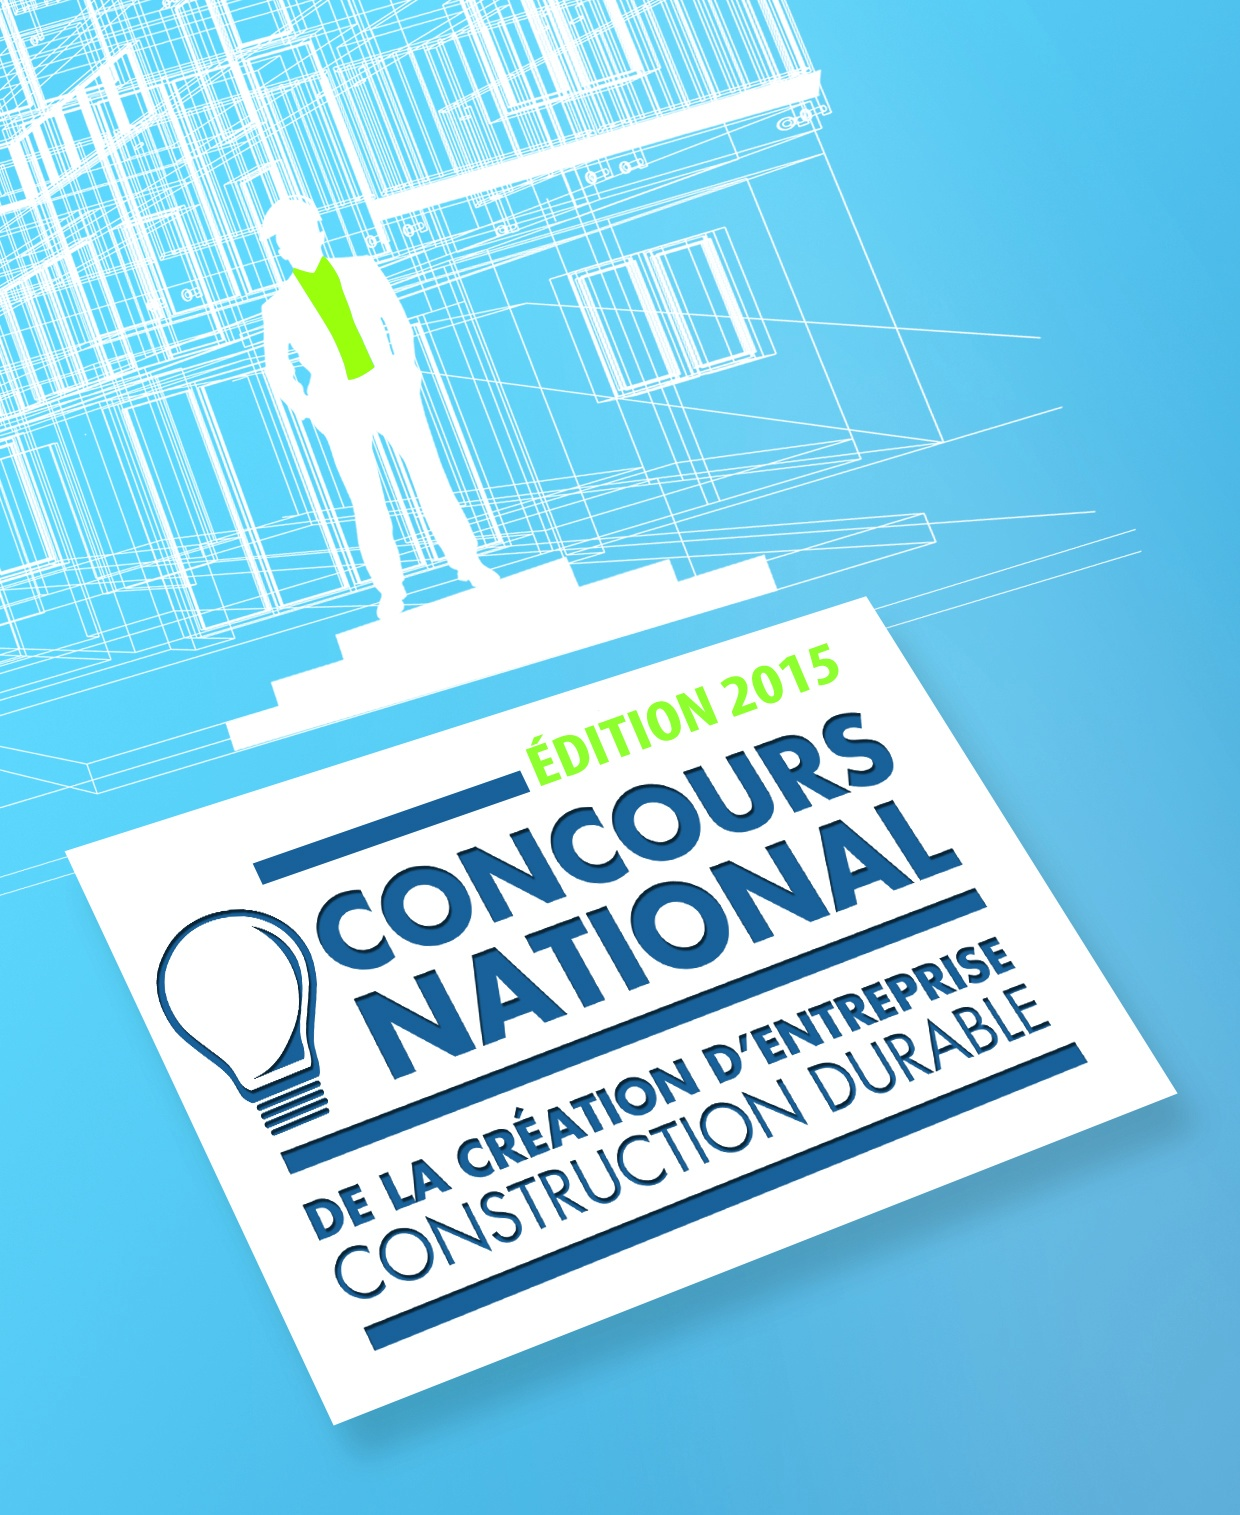 Concours national création écoentreprises